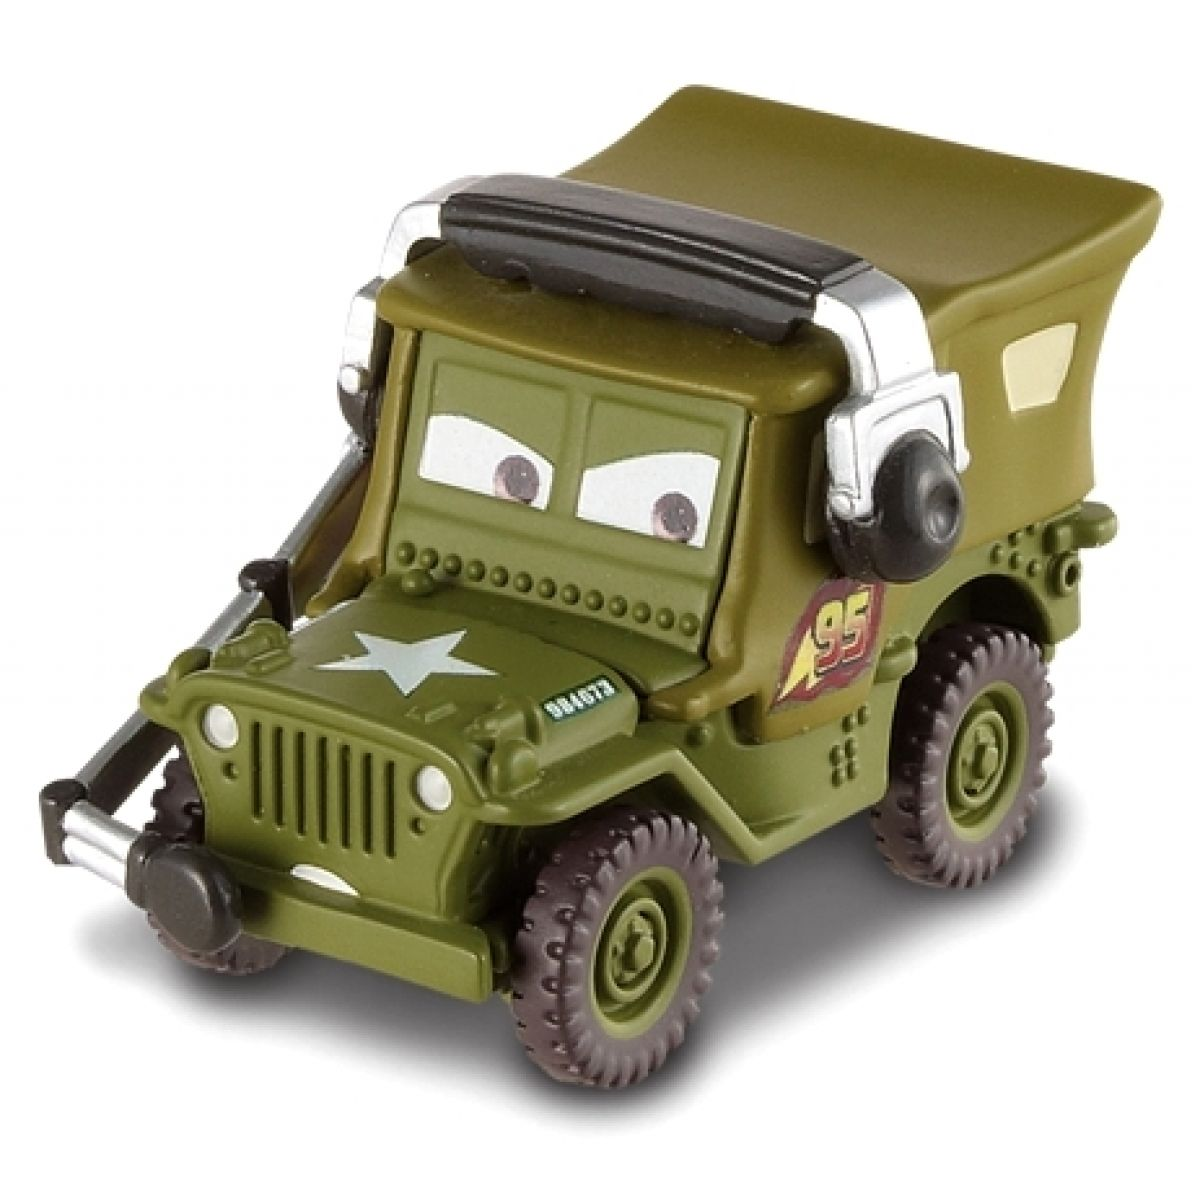 Mattel Cars Auta - Race Team Sarge